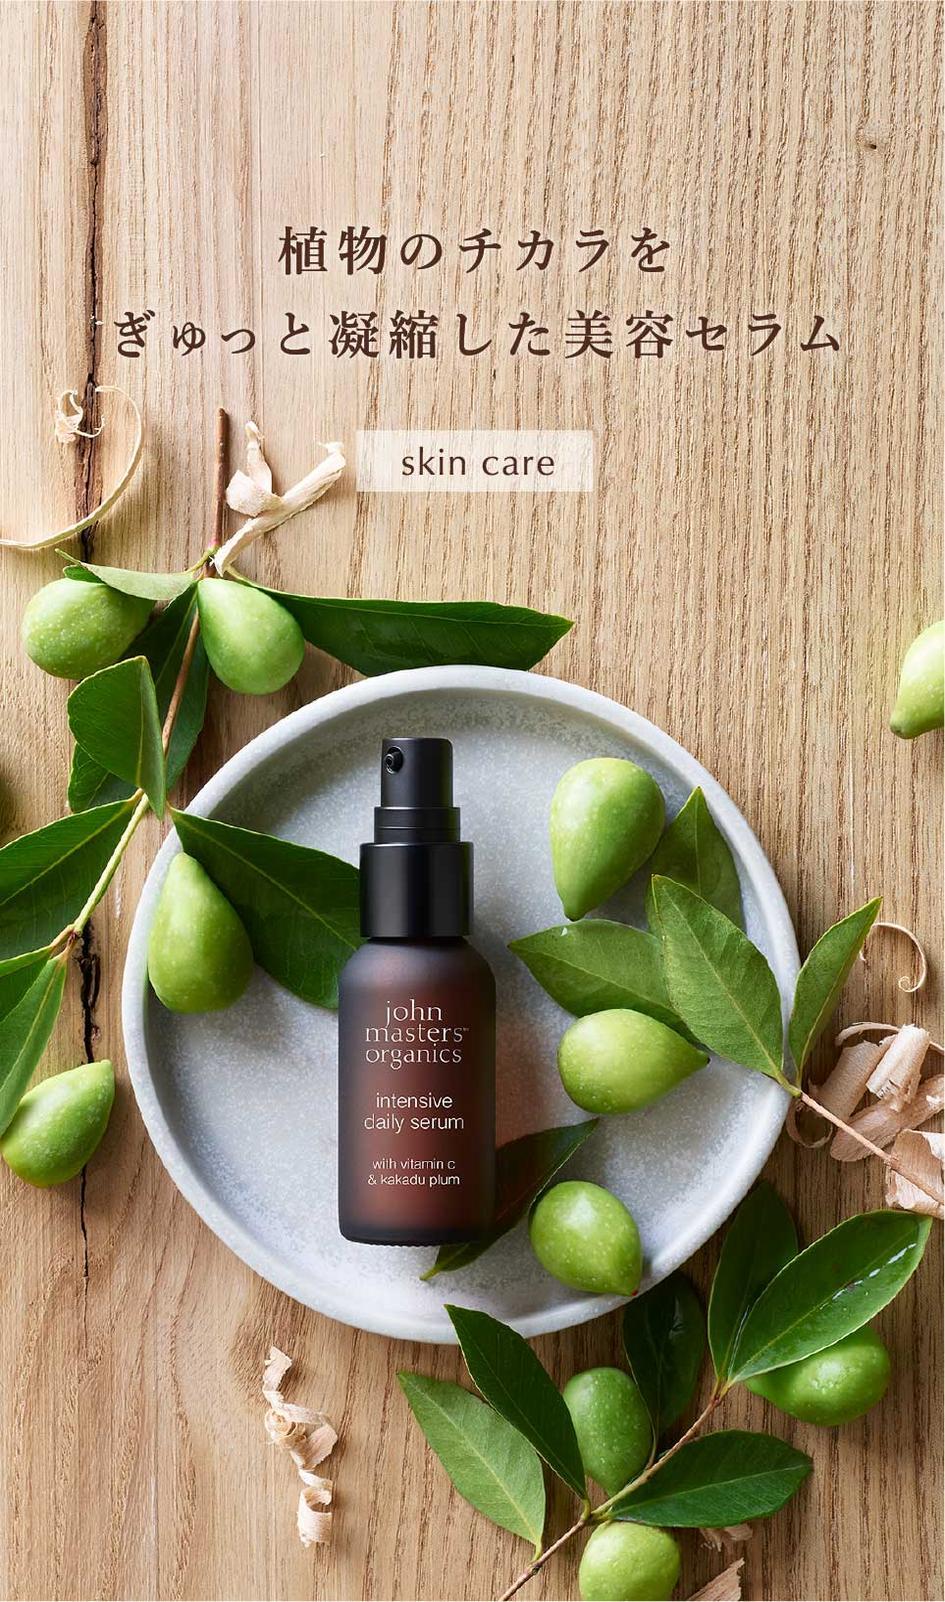 植物のチカラをぎゅっと凝縮した美容セラム New skin care 10.10 DEBUT!